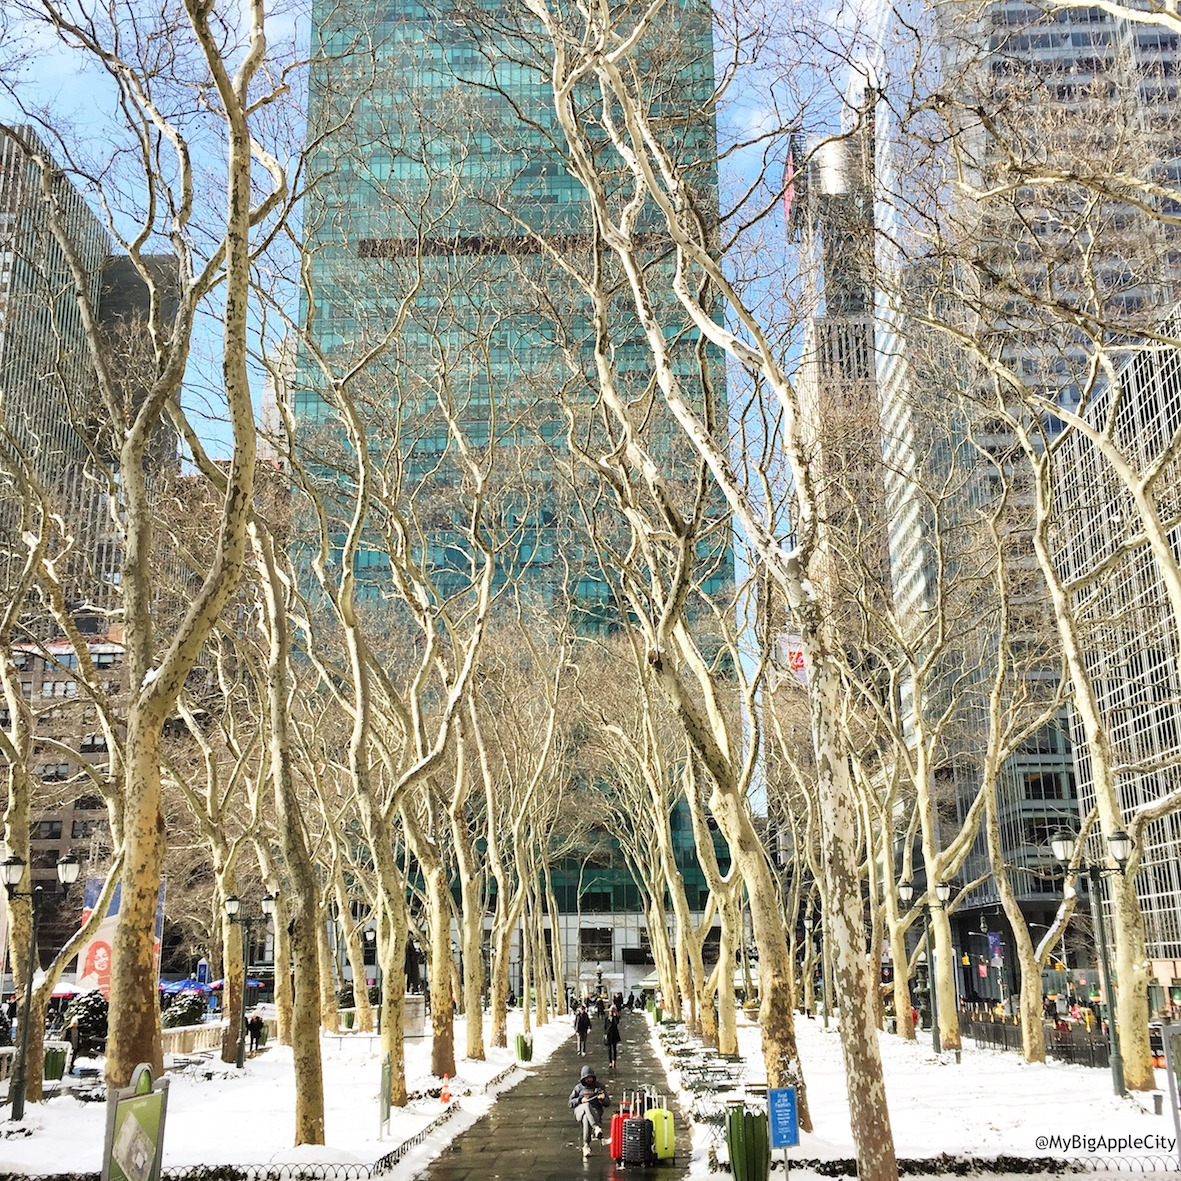 MyBigAppleCity-new-york-blog-travel-bryant-park